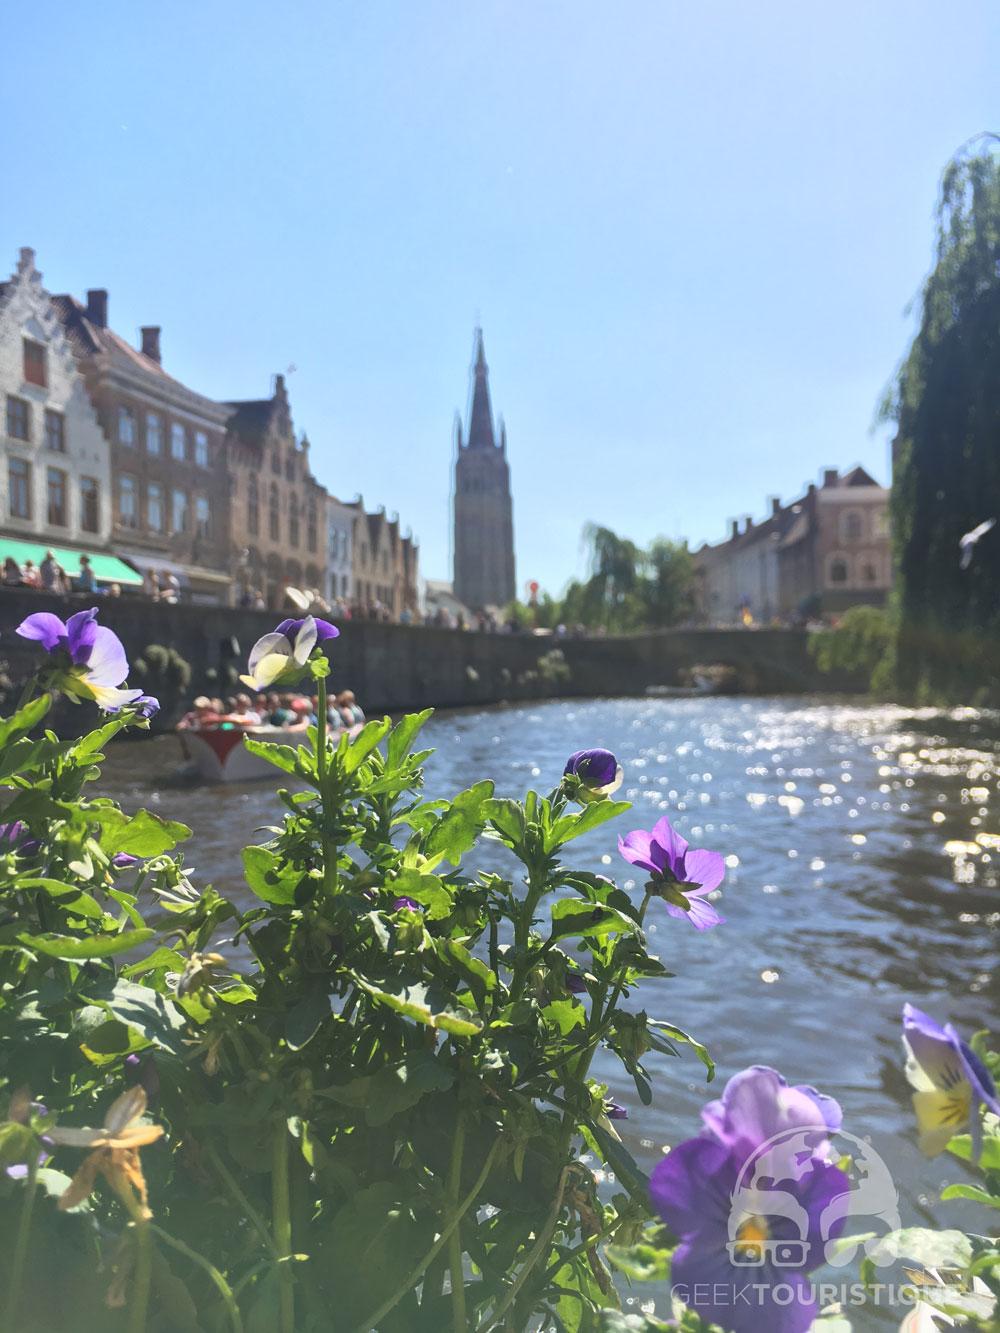 Geektouristique-Bruges-3